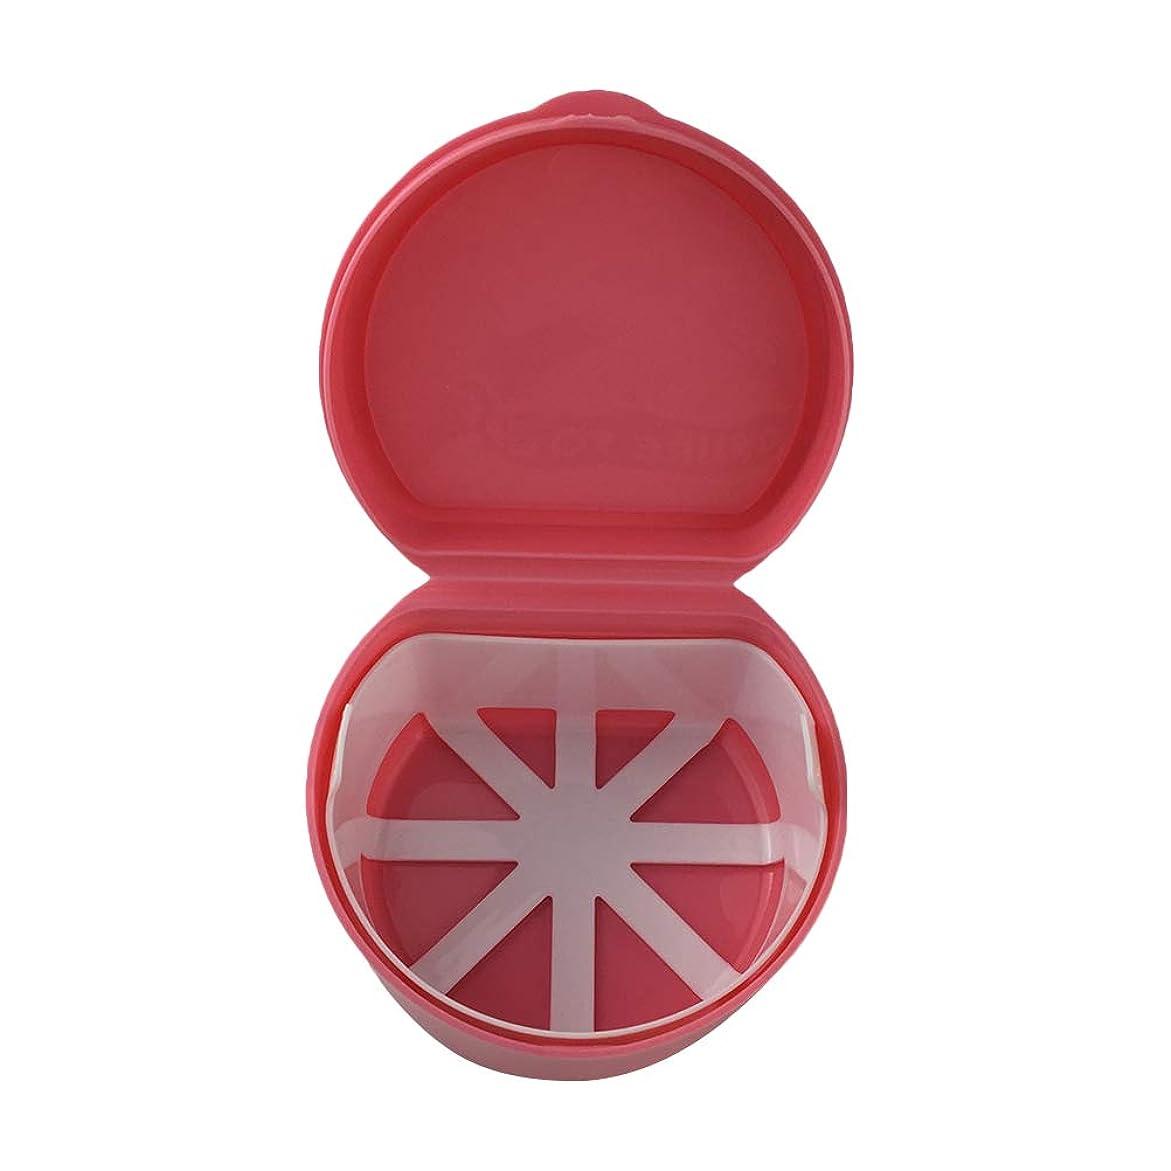 それぞれ堀爆風ROSENICE プラスチックの偽の歯バスボックスリテーナーマウスガードストレージコンテナホルダー(ピンク)